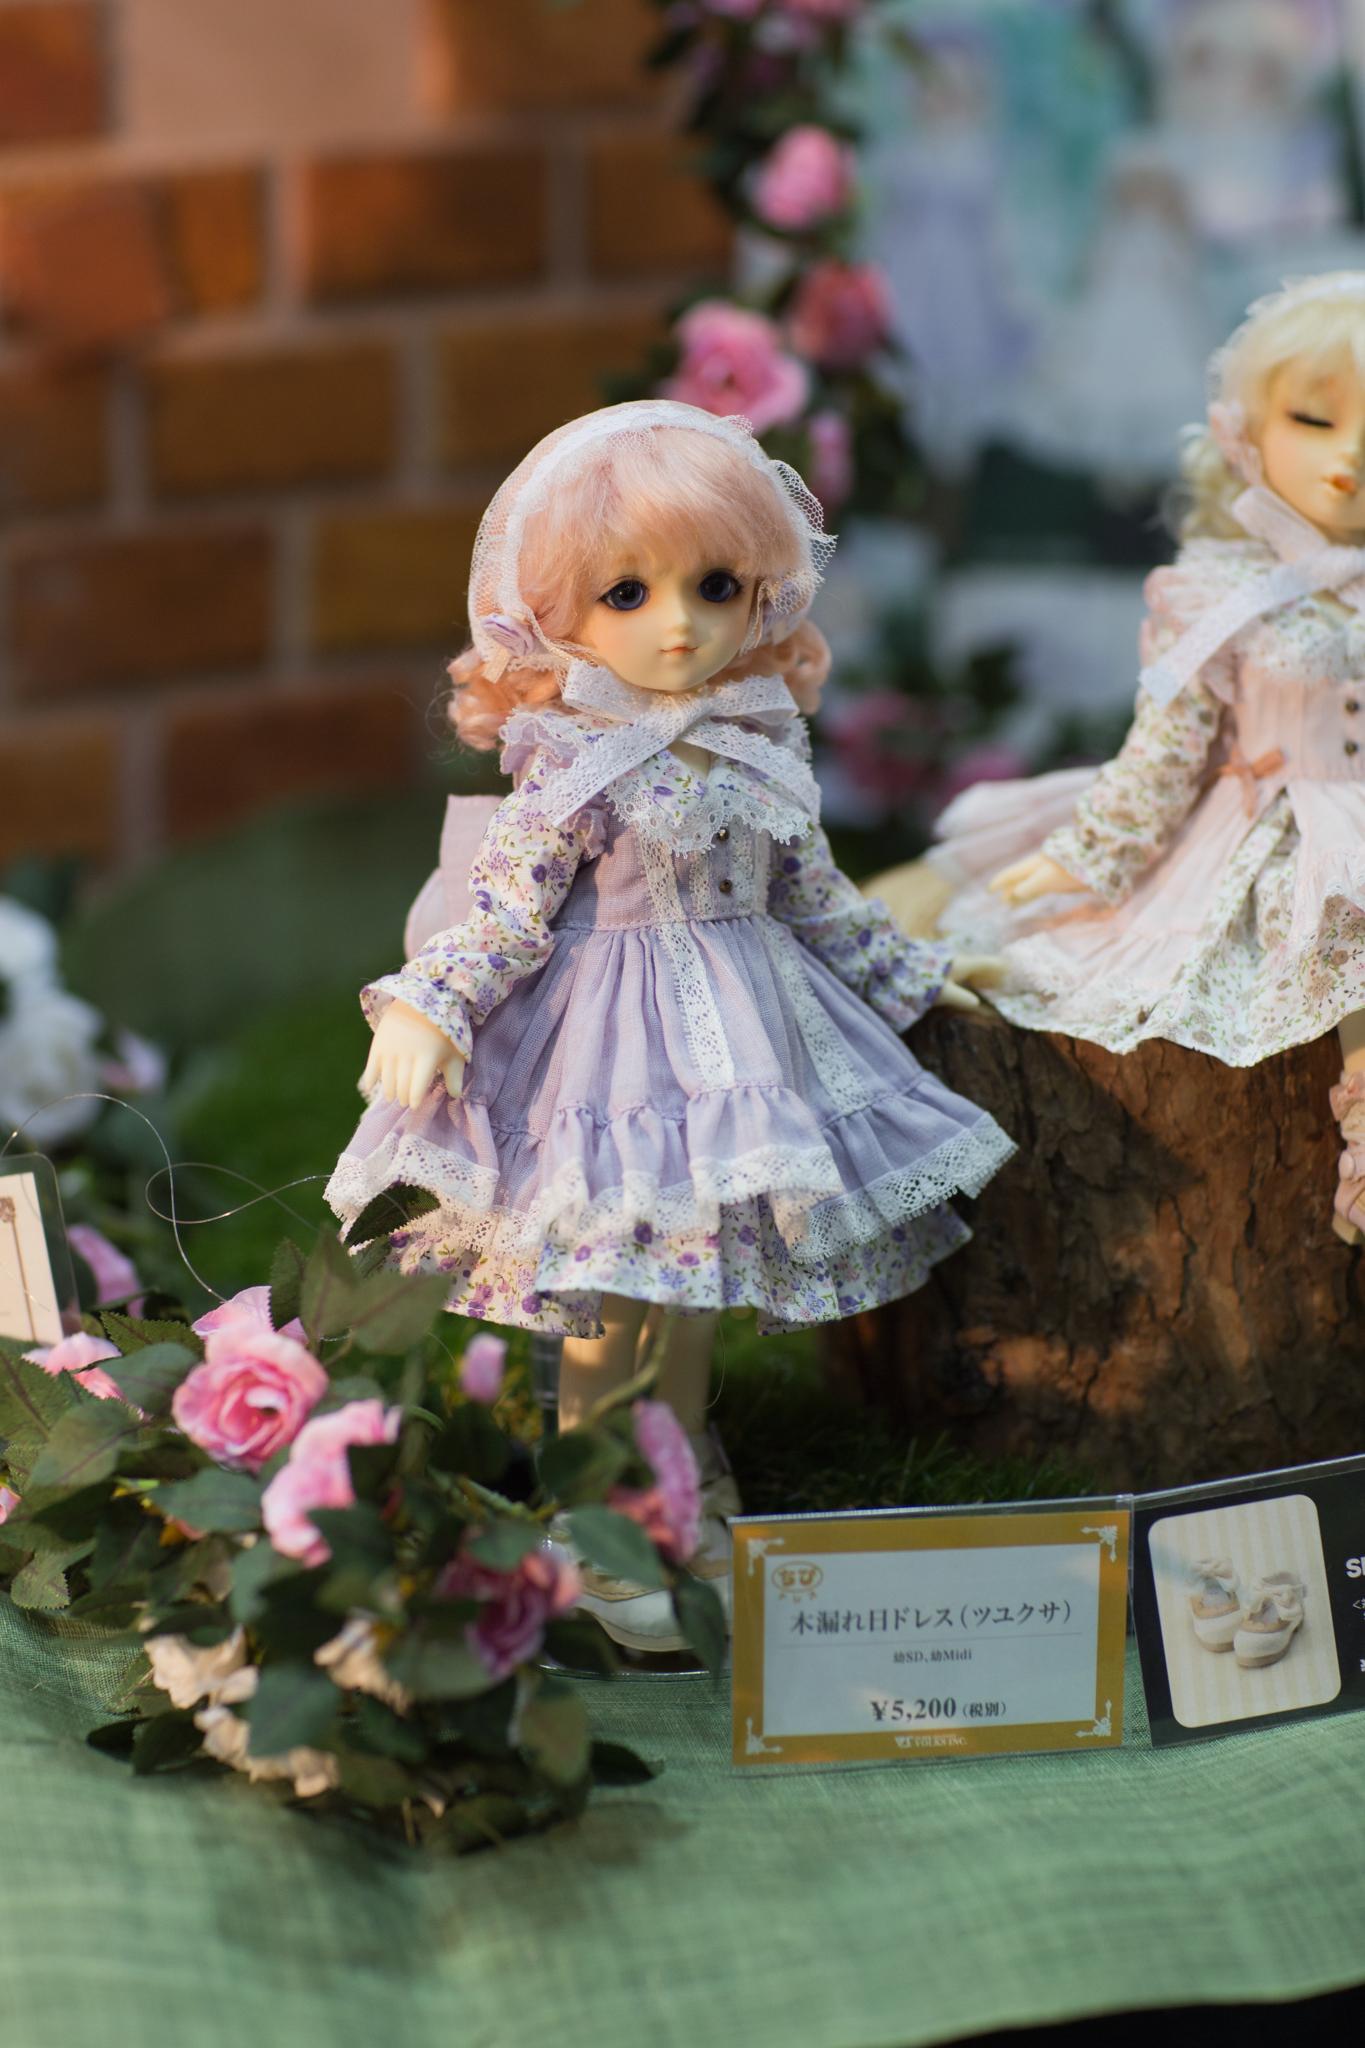 2016年_初夏の新作ドレス&アイテム_木漏れ日ドレス(ツユクサ)